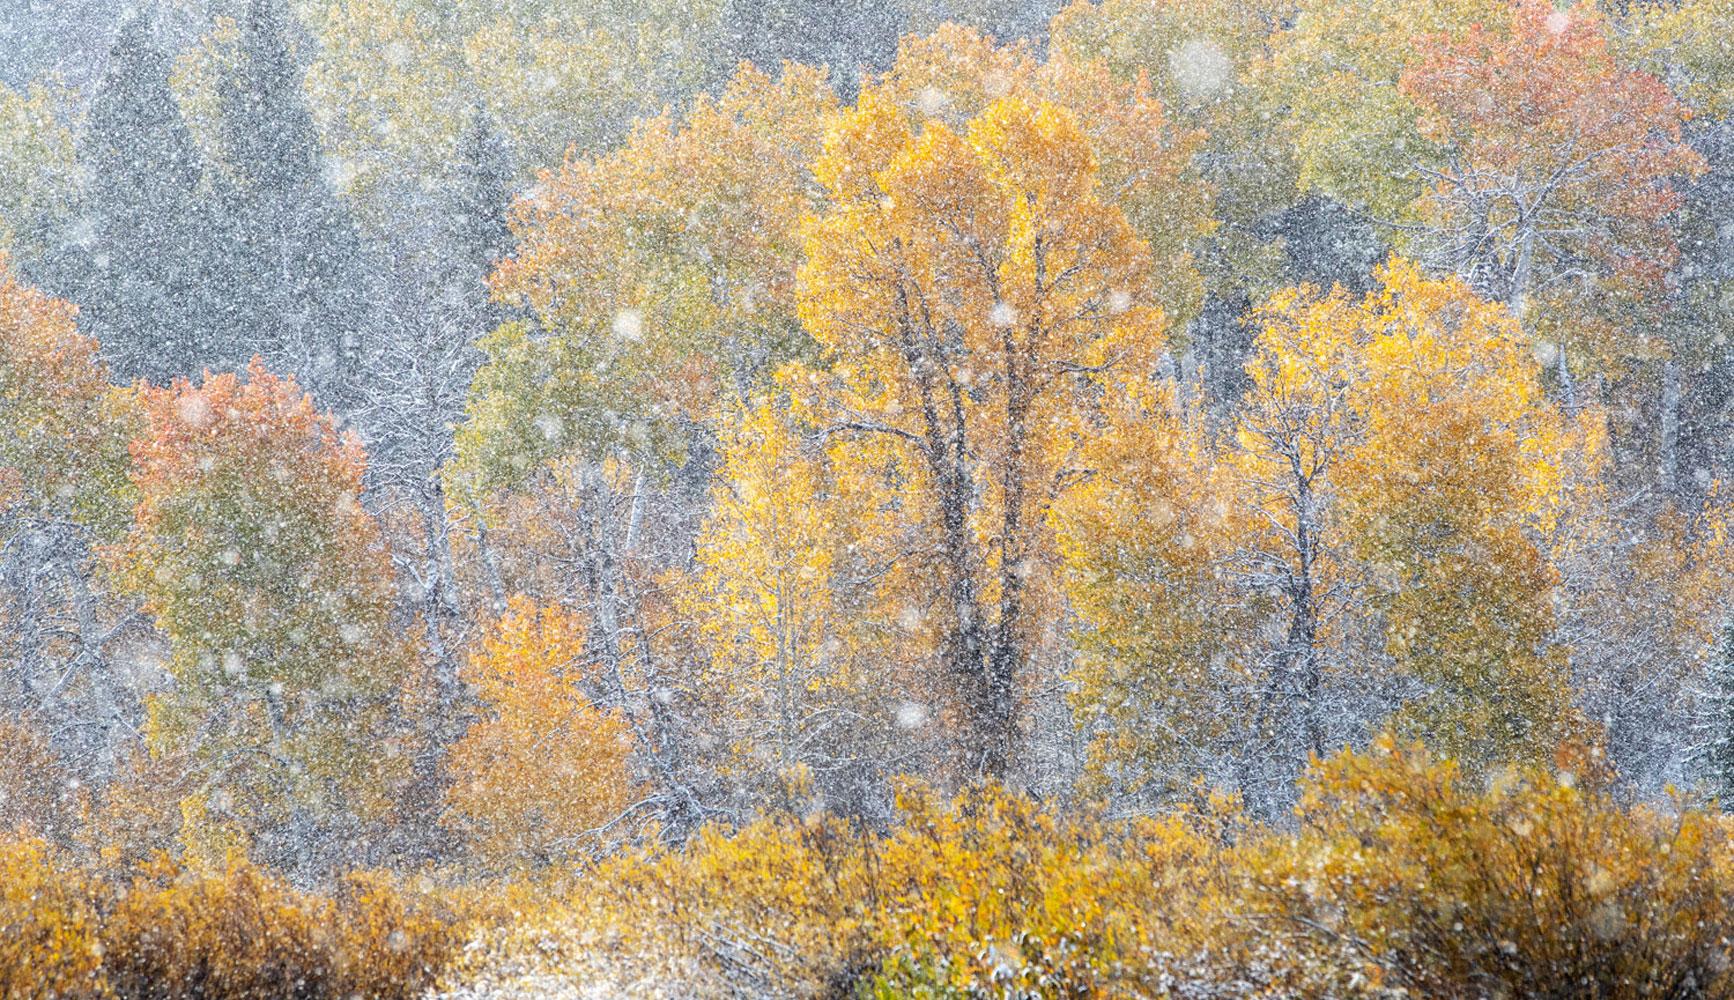 trees, snow, autumn, foliage, Tetons, Grand Teton, photo